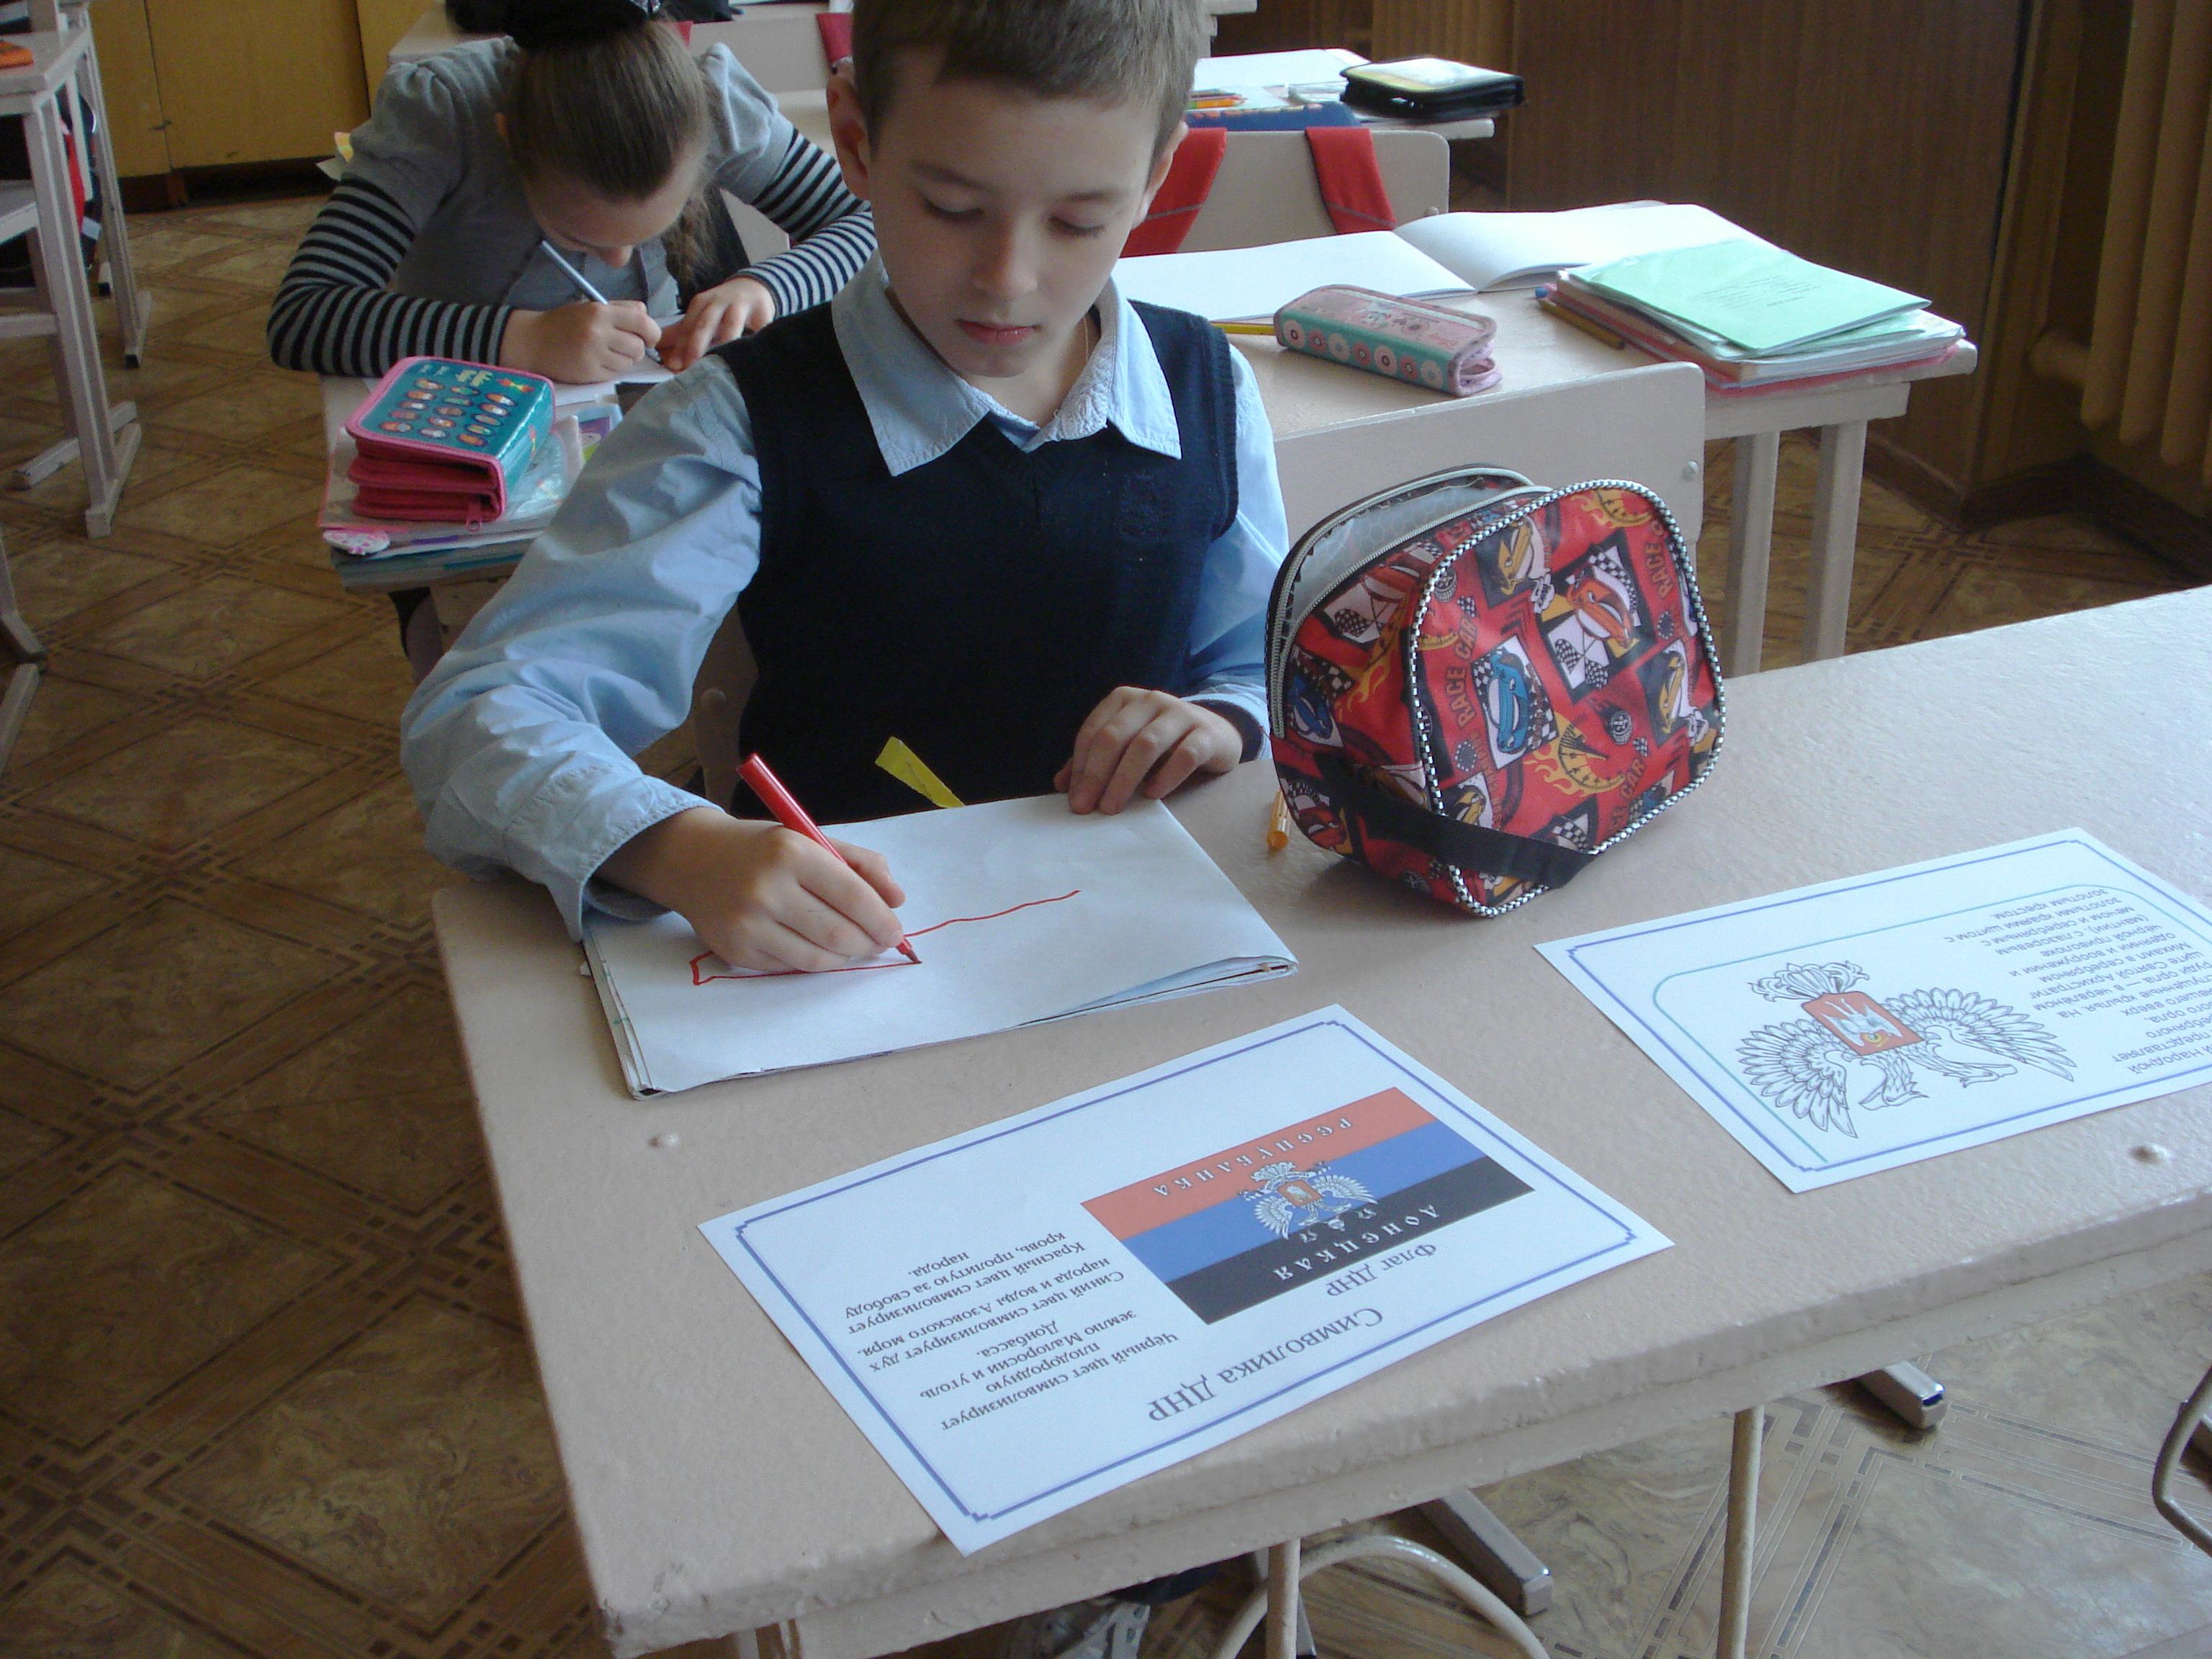 день флага, донецкая республиканская библиотека для детей, отдел обслуживания учащихся 5-9 классов, занятия с детьми, патриотическое воспитание детей